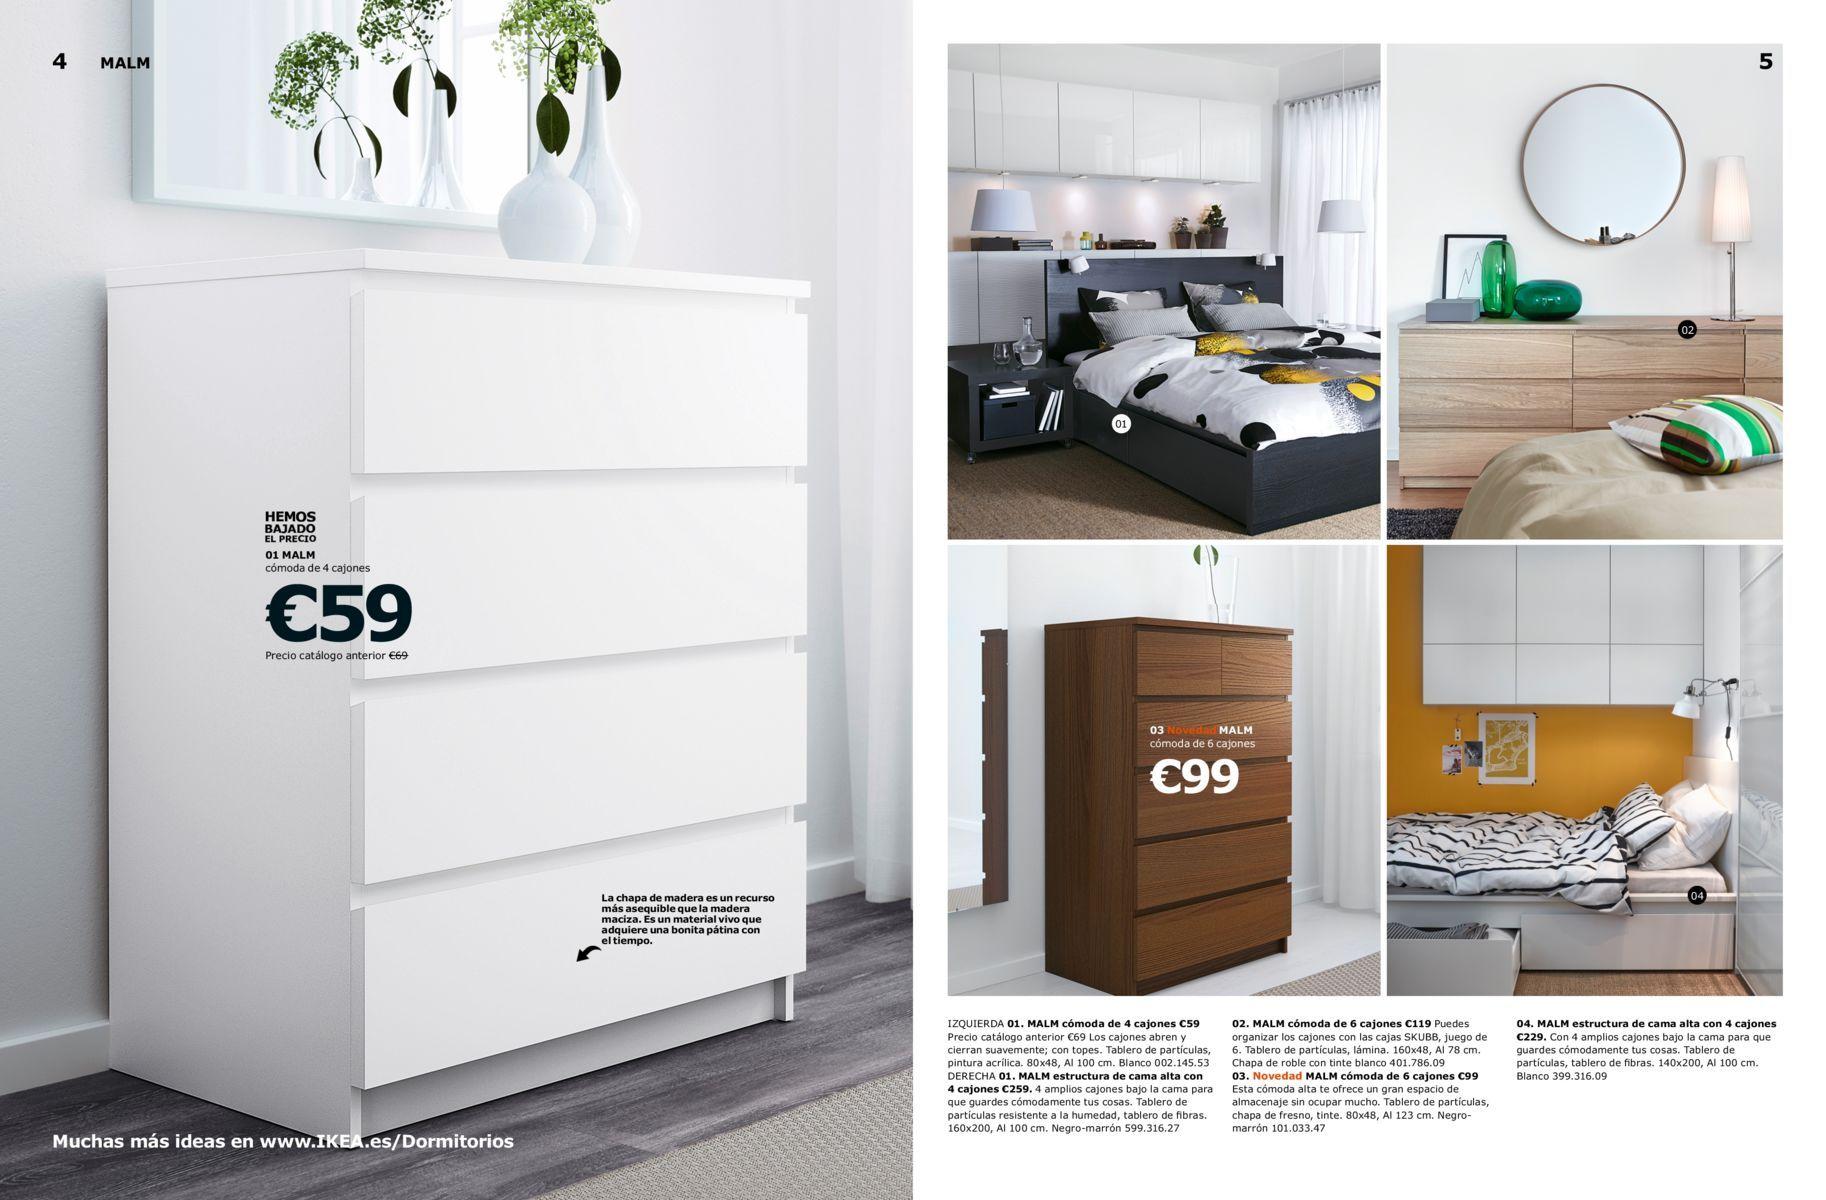 Muebles, decoración y productos para el hogar   Caminos de ...